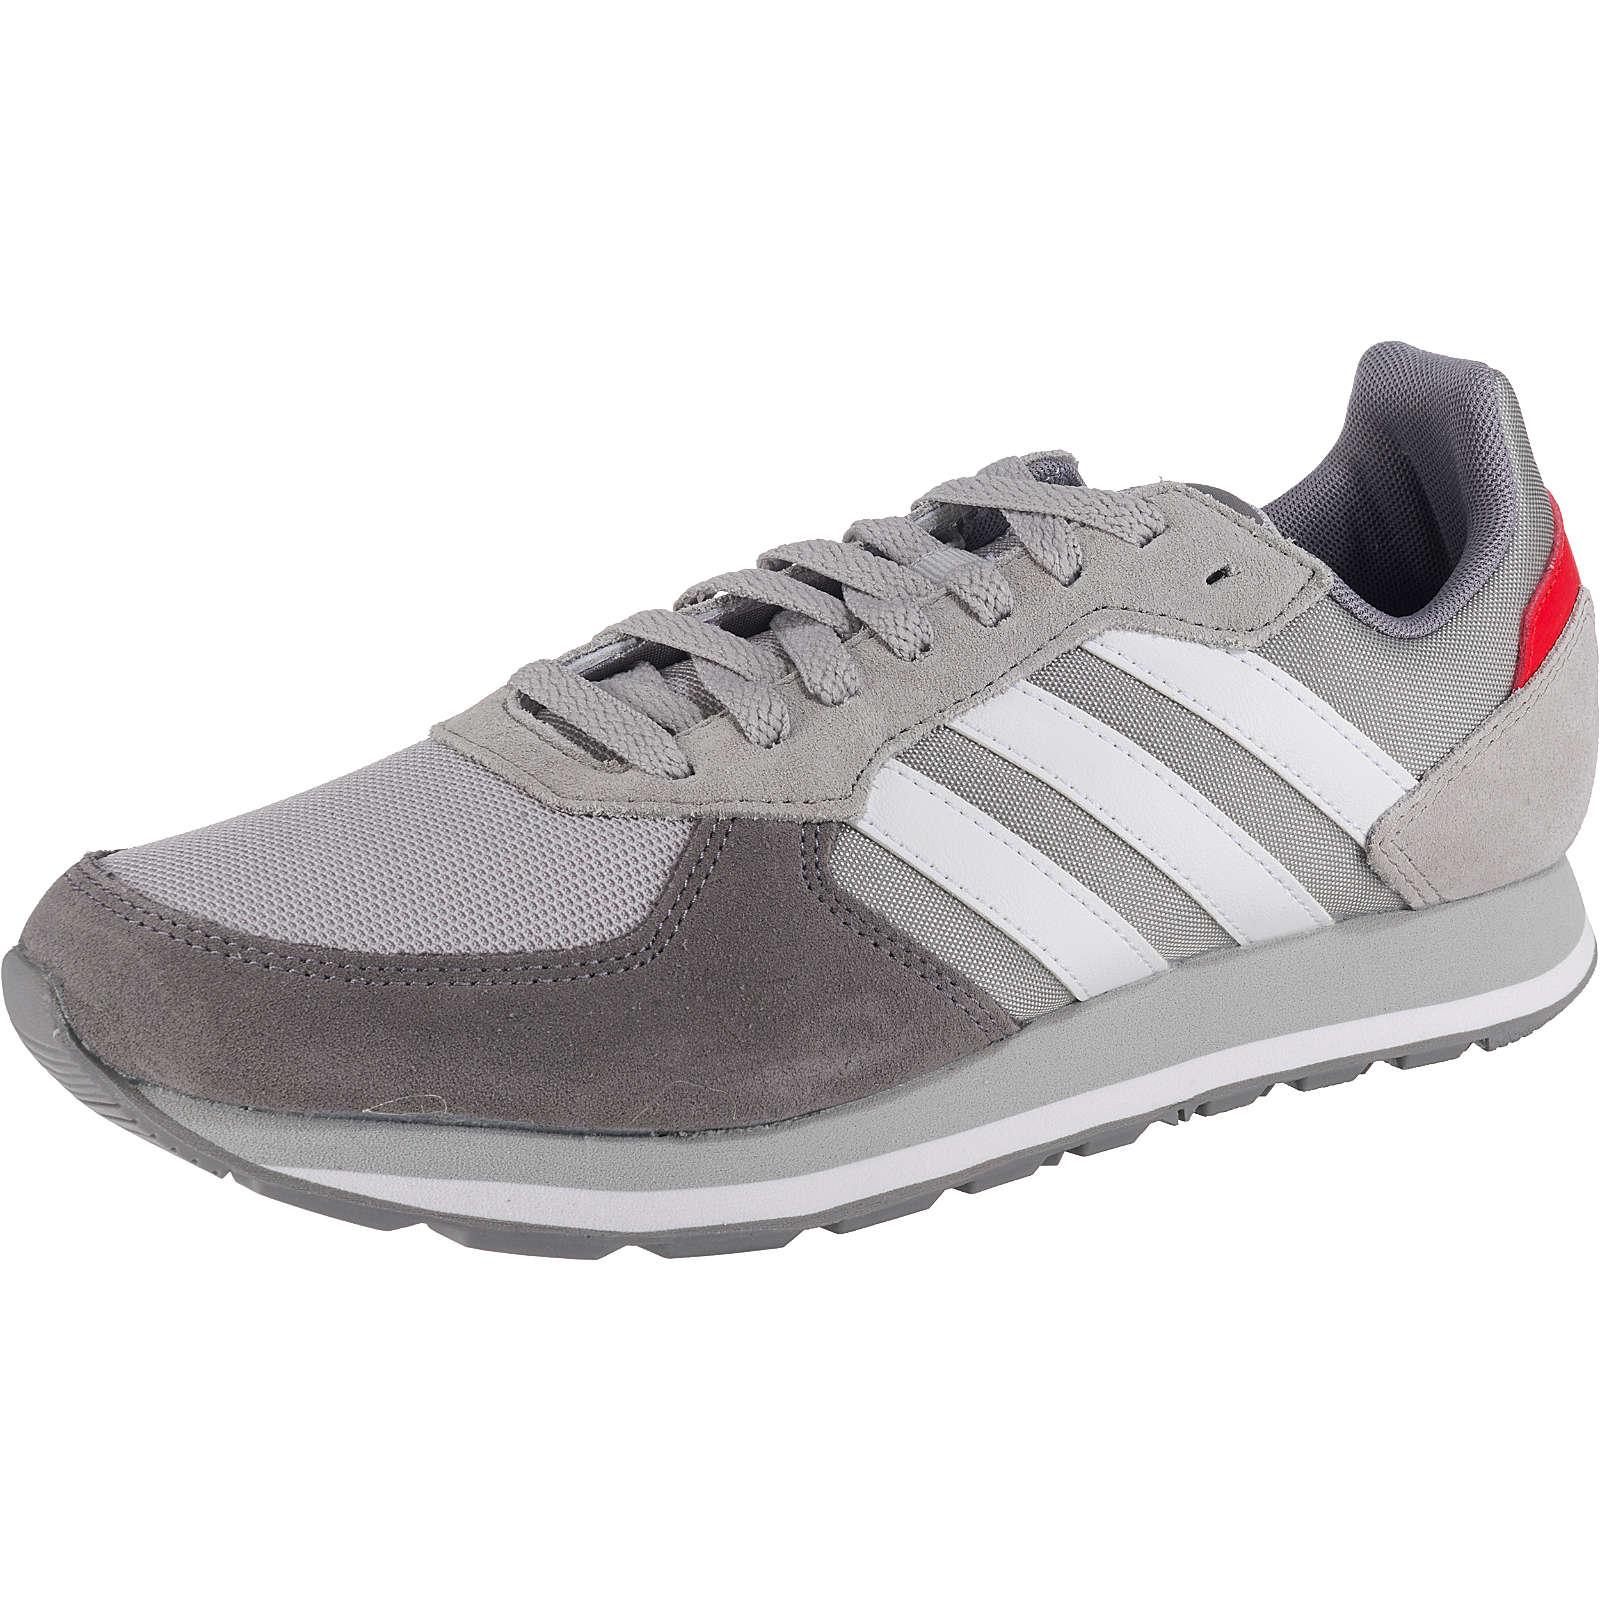 adidas Sport Inspired 8K Sneakers hellgrau Herren Gr. 41 1/3